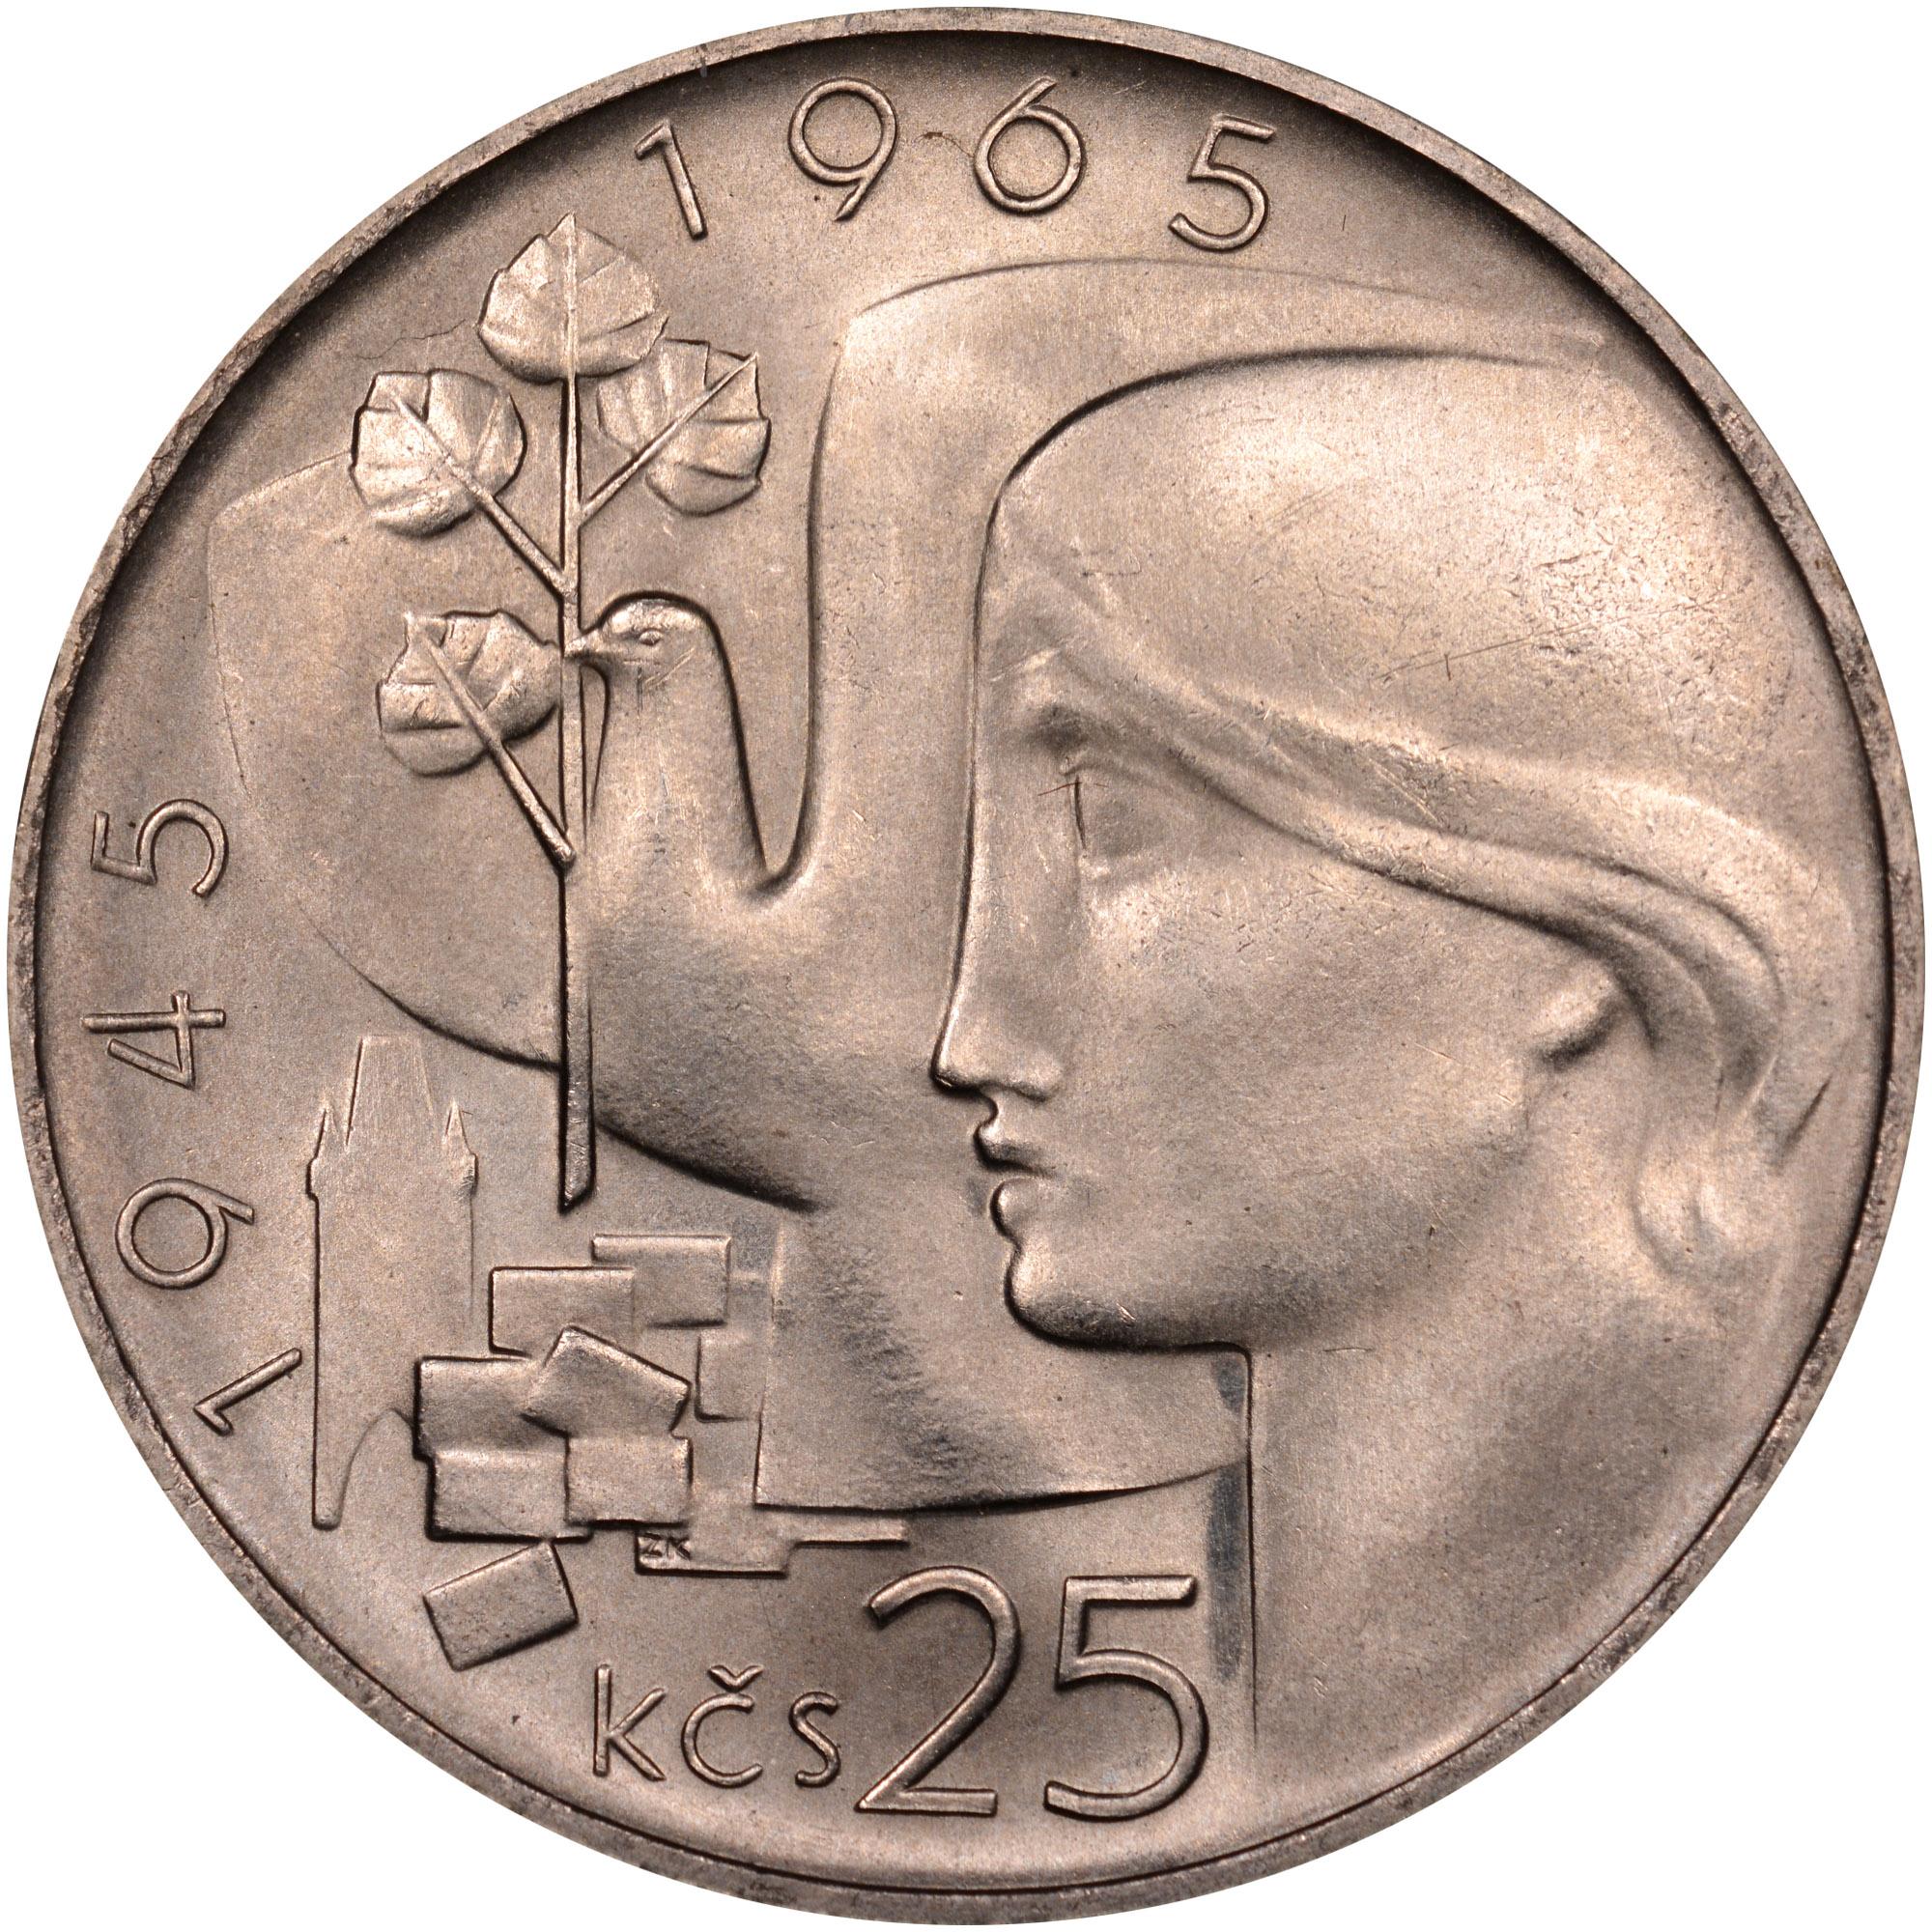 (1965) Czechoslovakia 25 Korun reverse